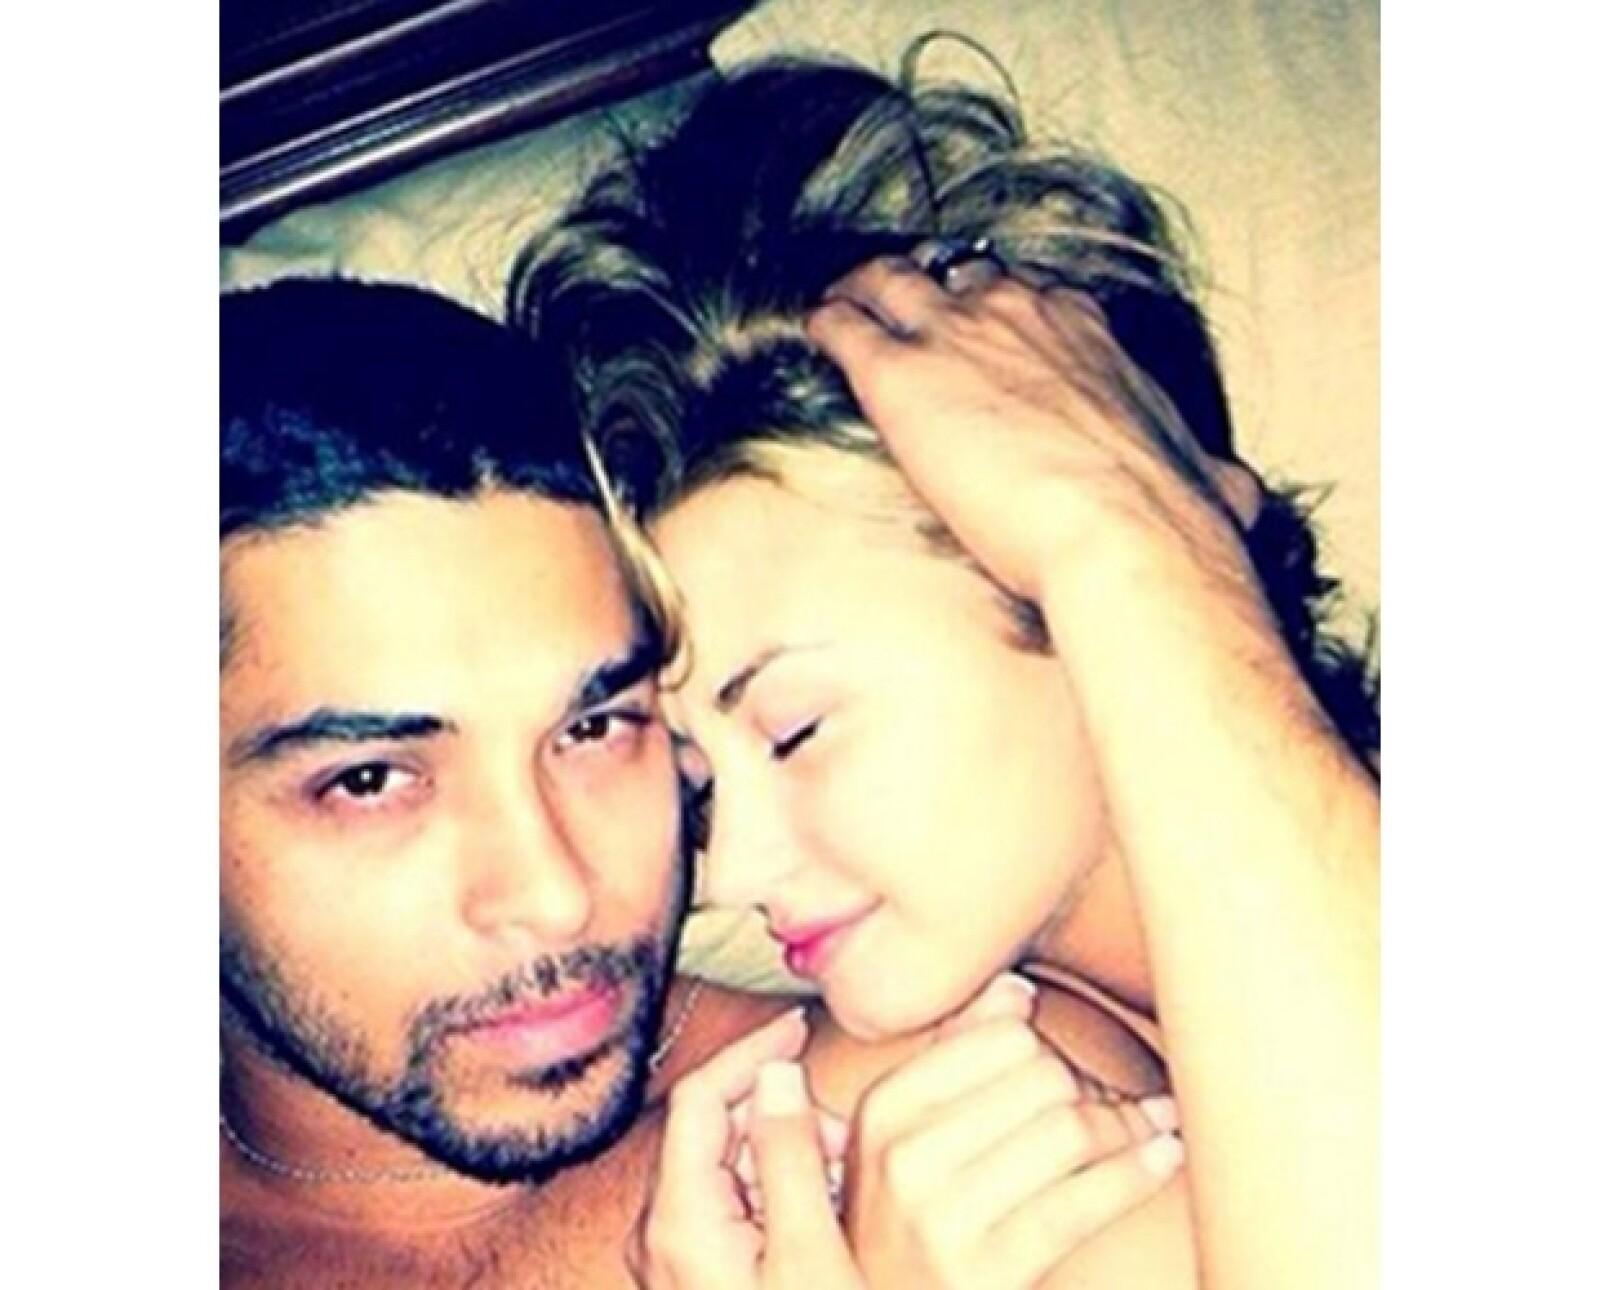 El día de ayer fueron publicadas varias imágenes comprometedoras de Demi Lovato y su intermitente novio.